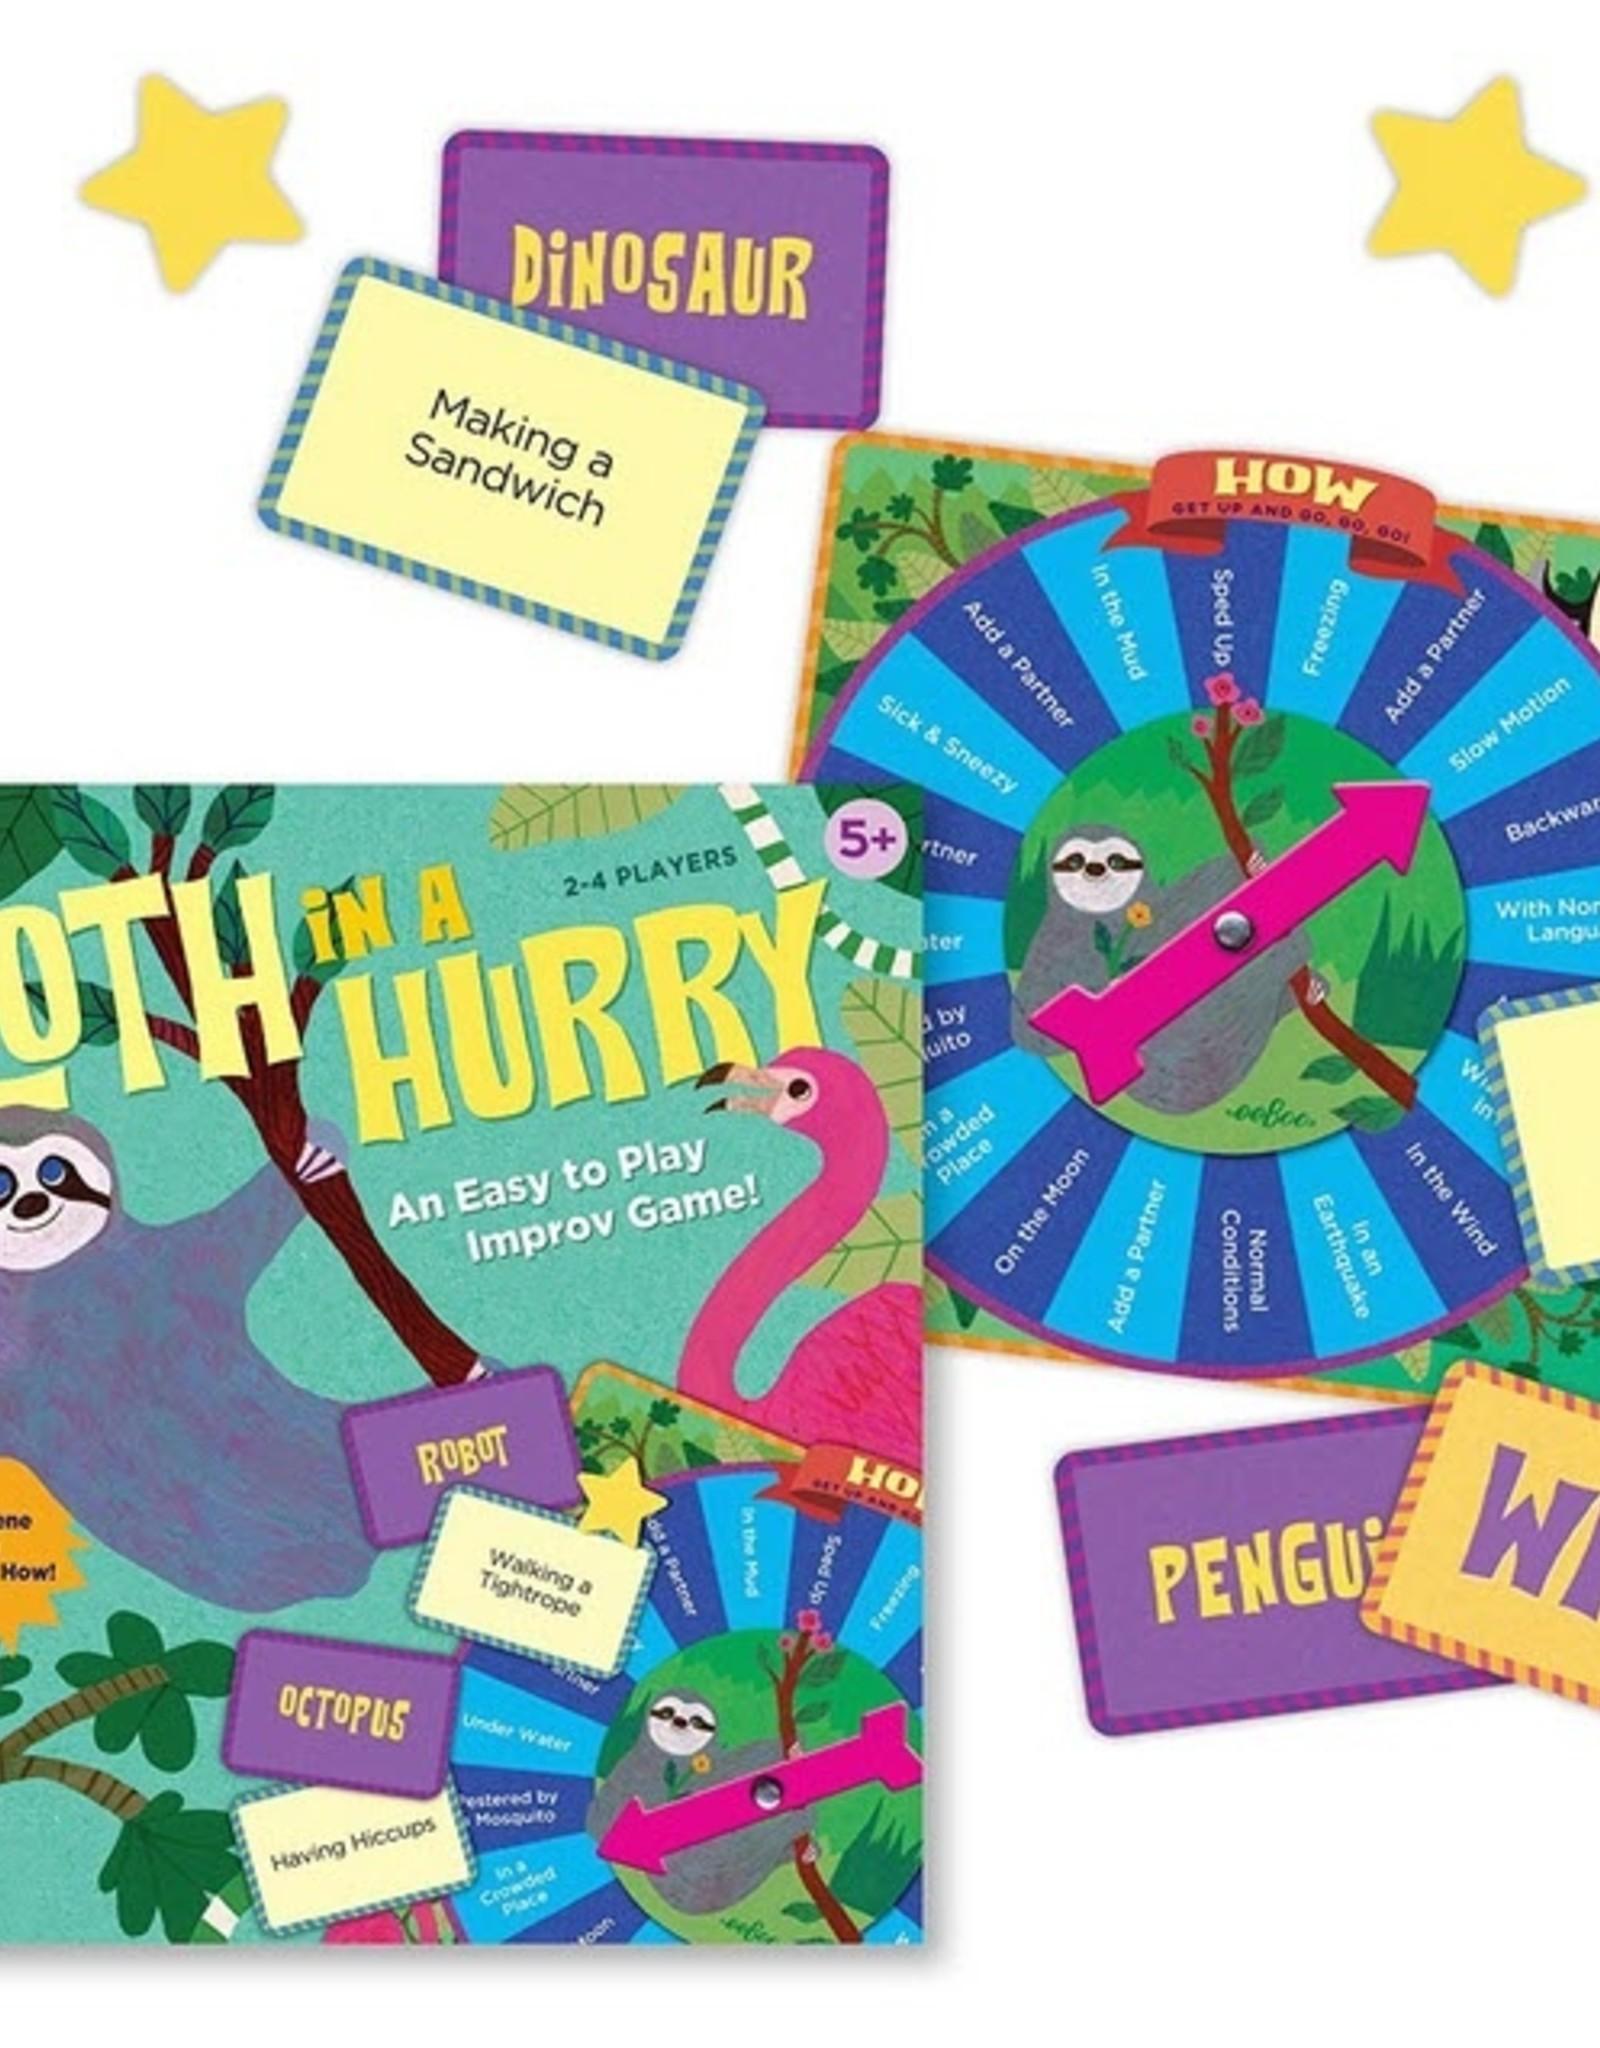 Eeboo Eeboo - Sloth In A Hurry Game